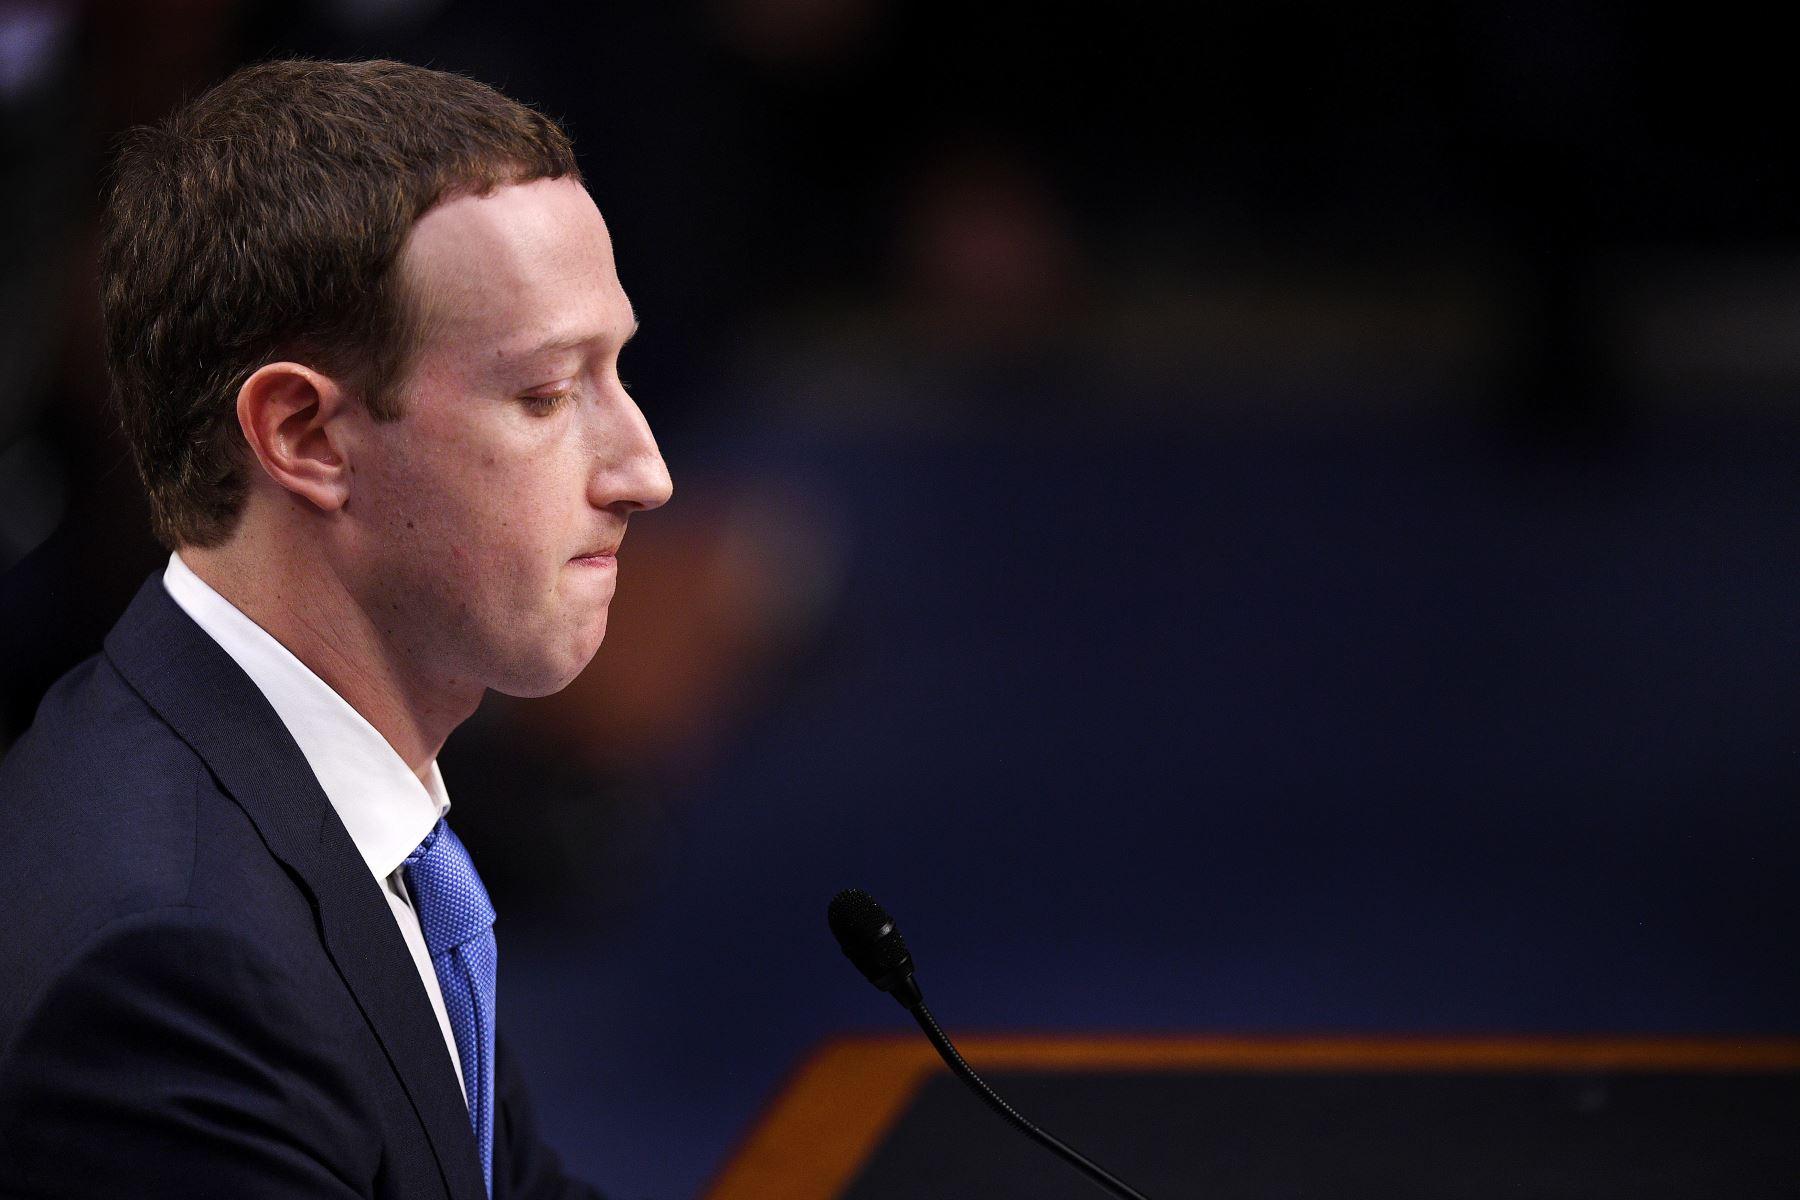 Mark Zuckerberg pide perdón por la caída de Facebook, Instagram y WhatsApp